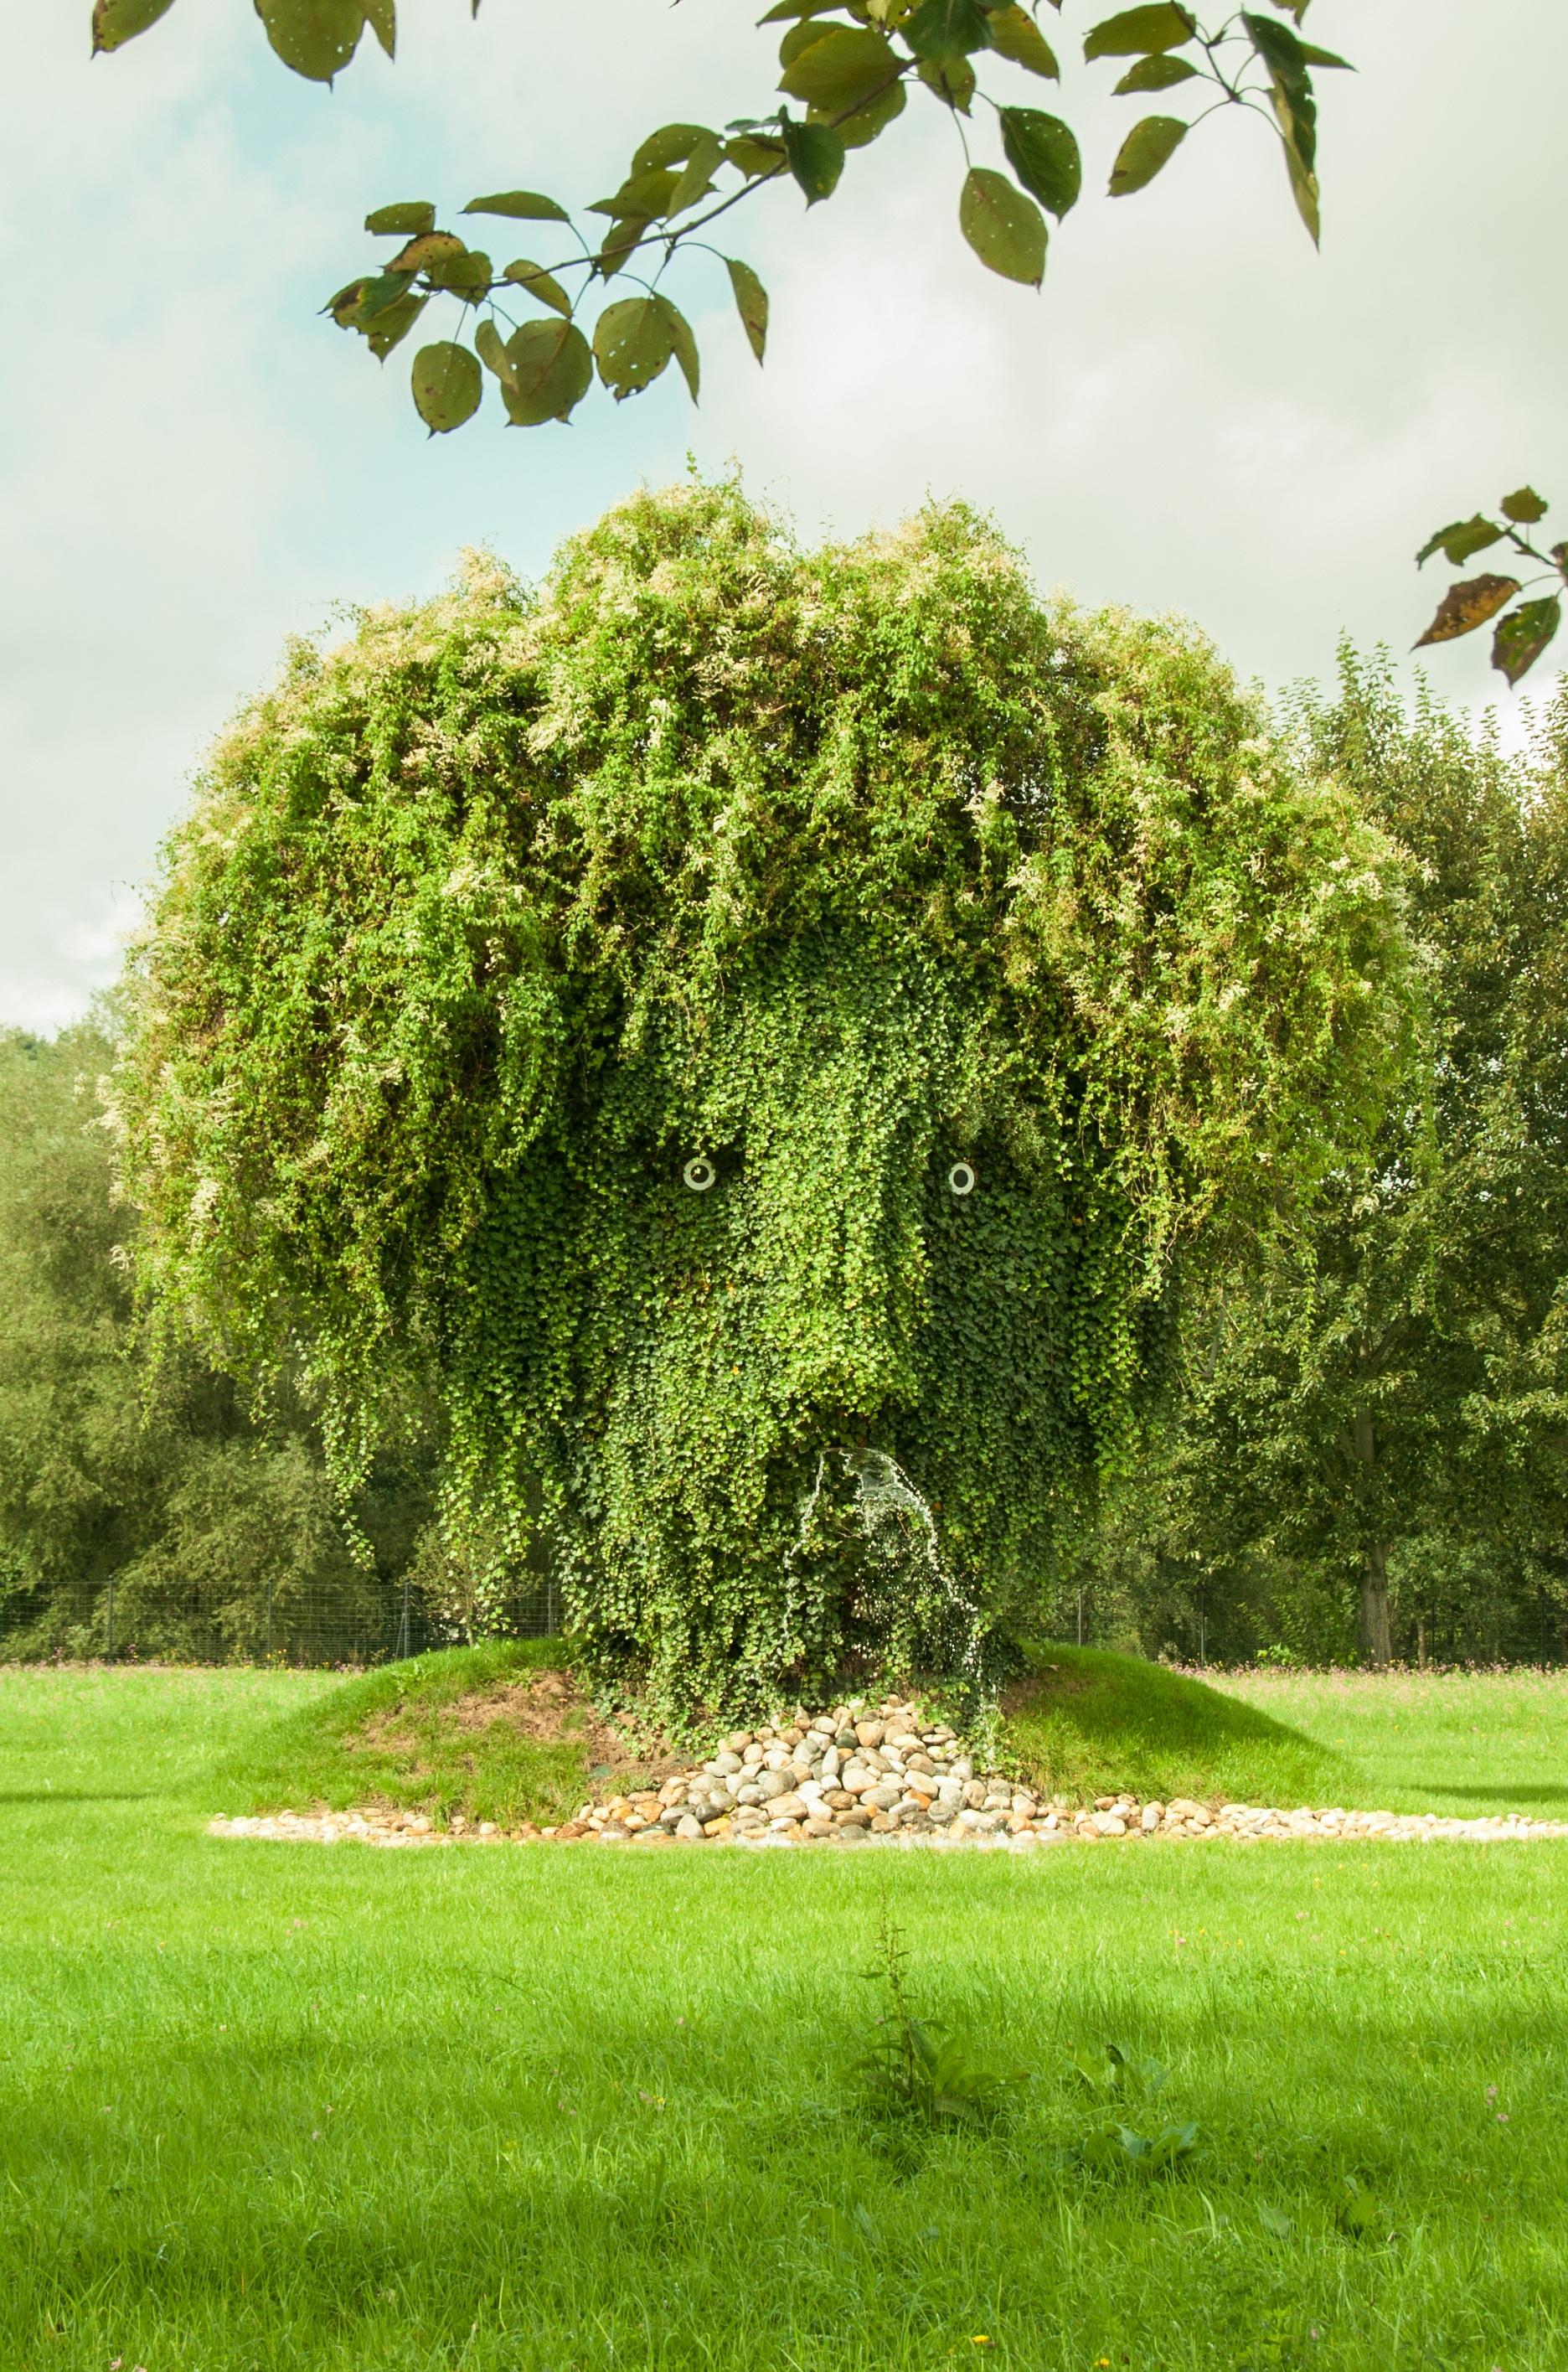 Kostenlose foto Baum Natur Gras Rasen Wiese Blume Grün